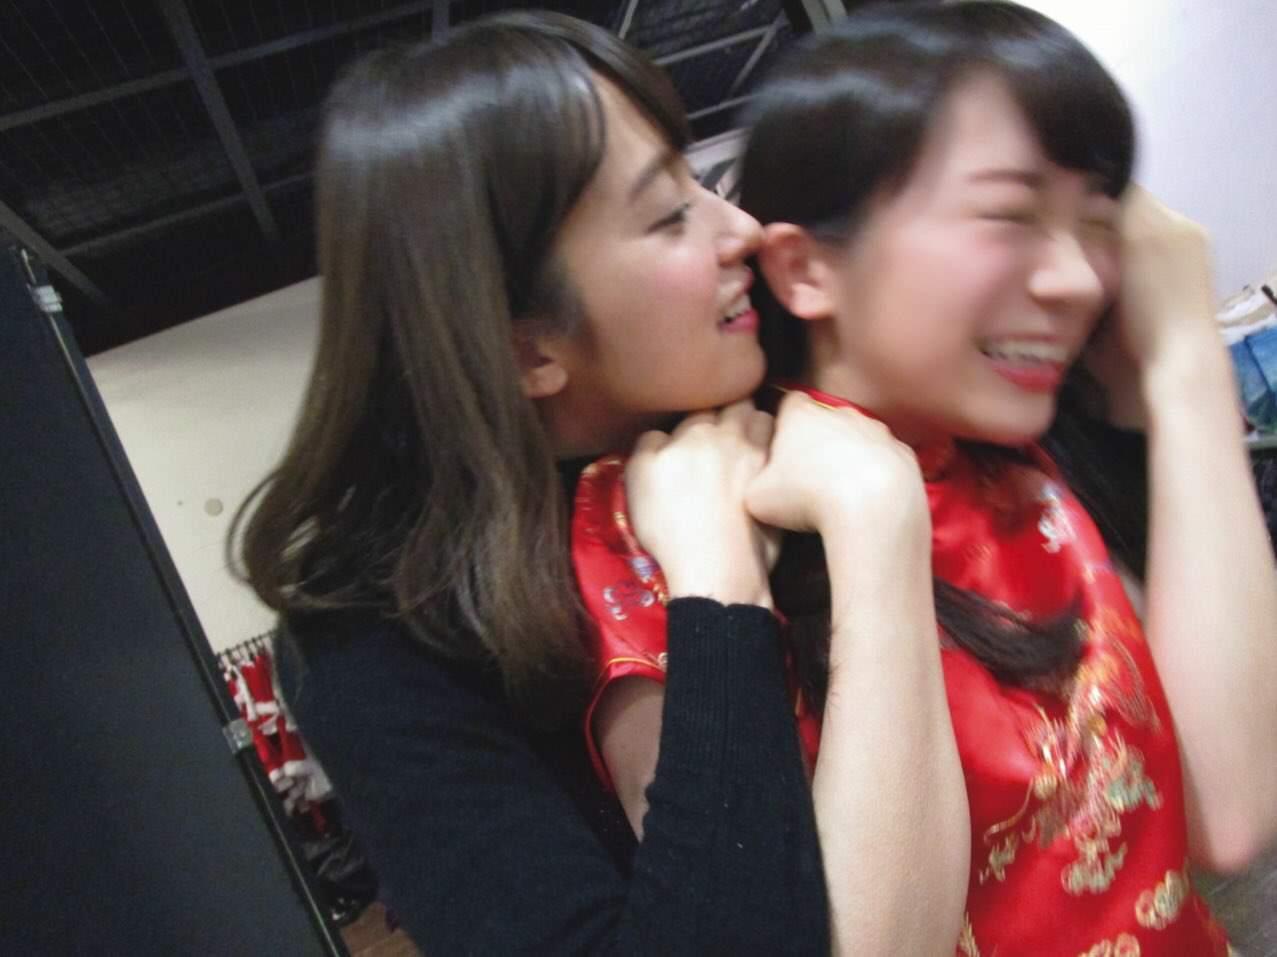 乃木撮「秋元真夏さんにキスを迫る衛藤美彩さんをご覧ください」